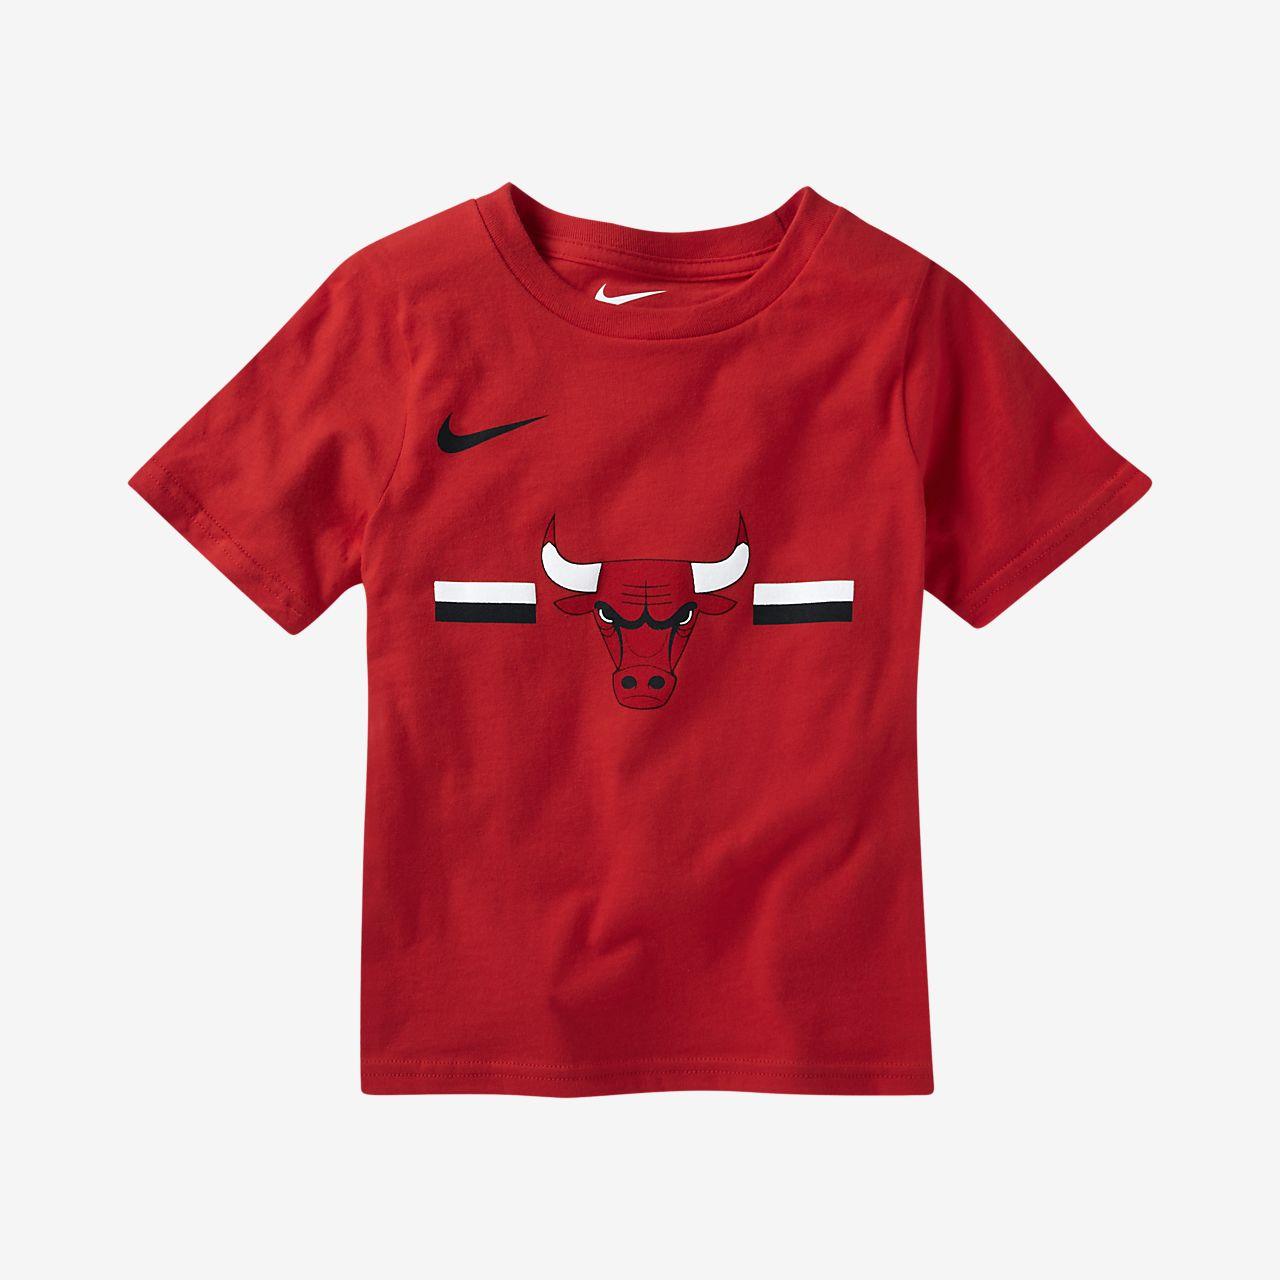 chicago bulls nike logo toddler nba t shirt. Black Bedroom Furniture Sets. Home Design Ideas